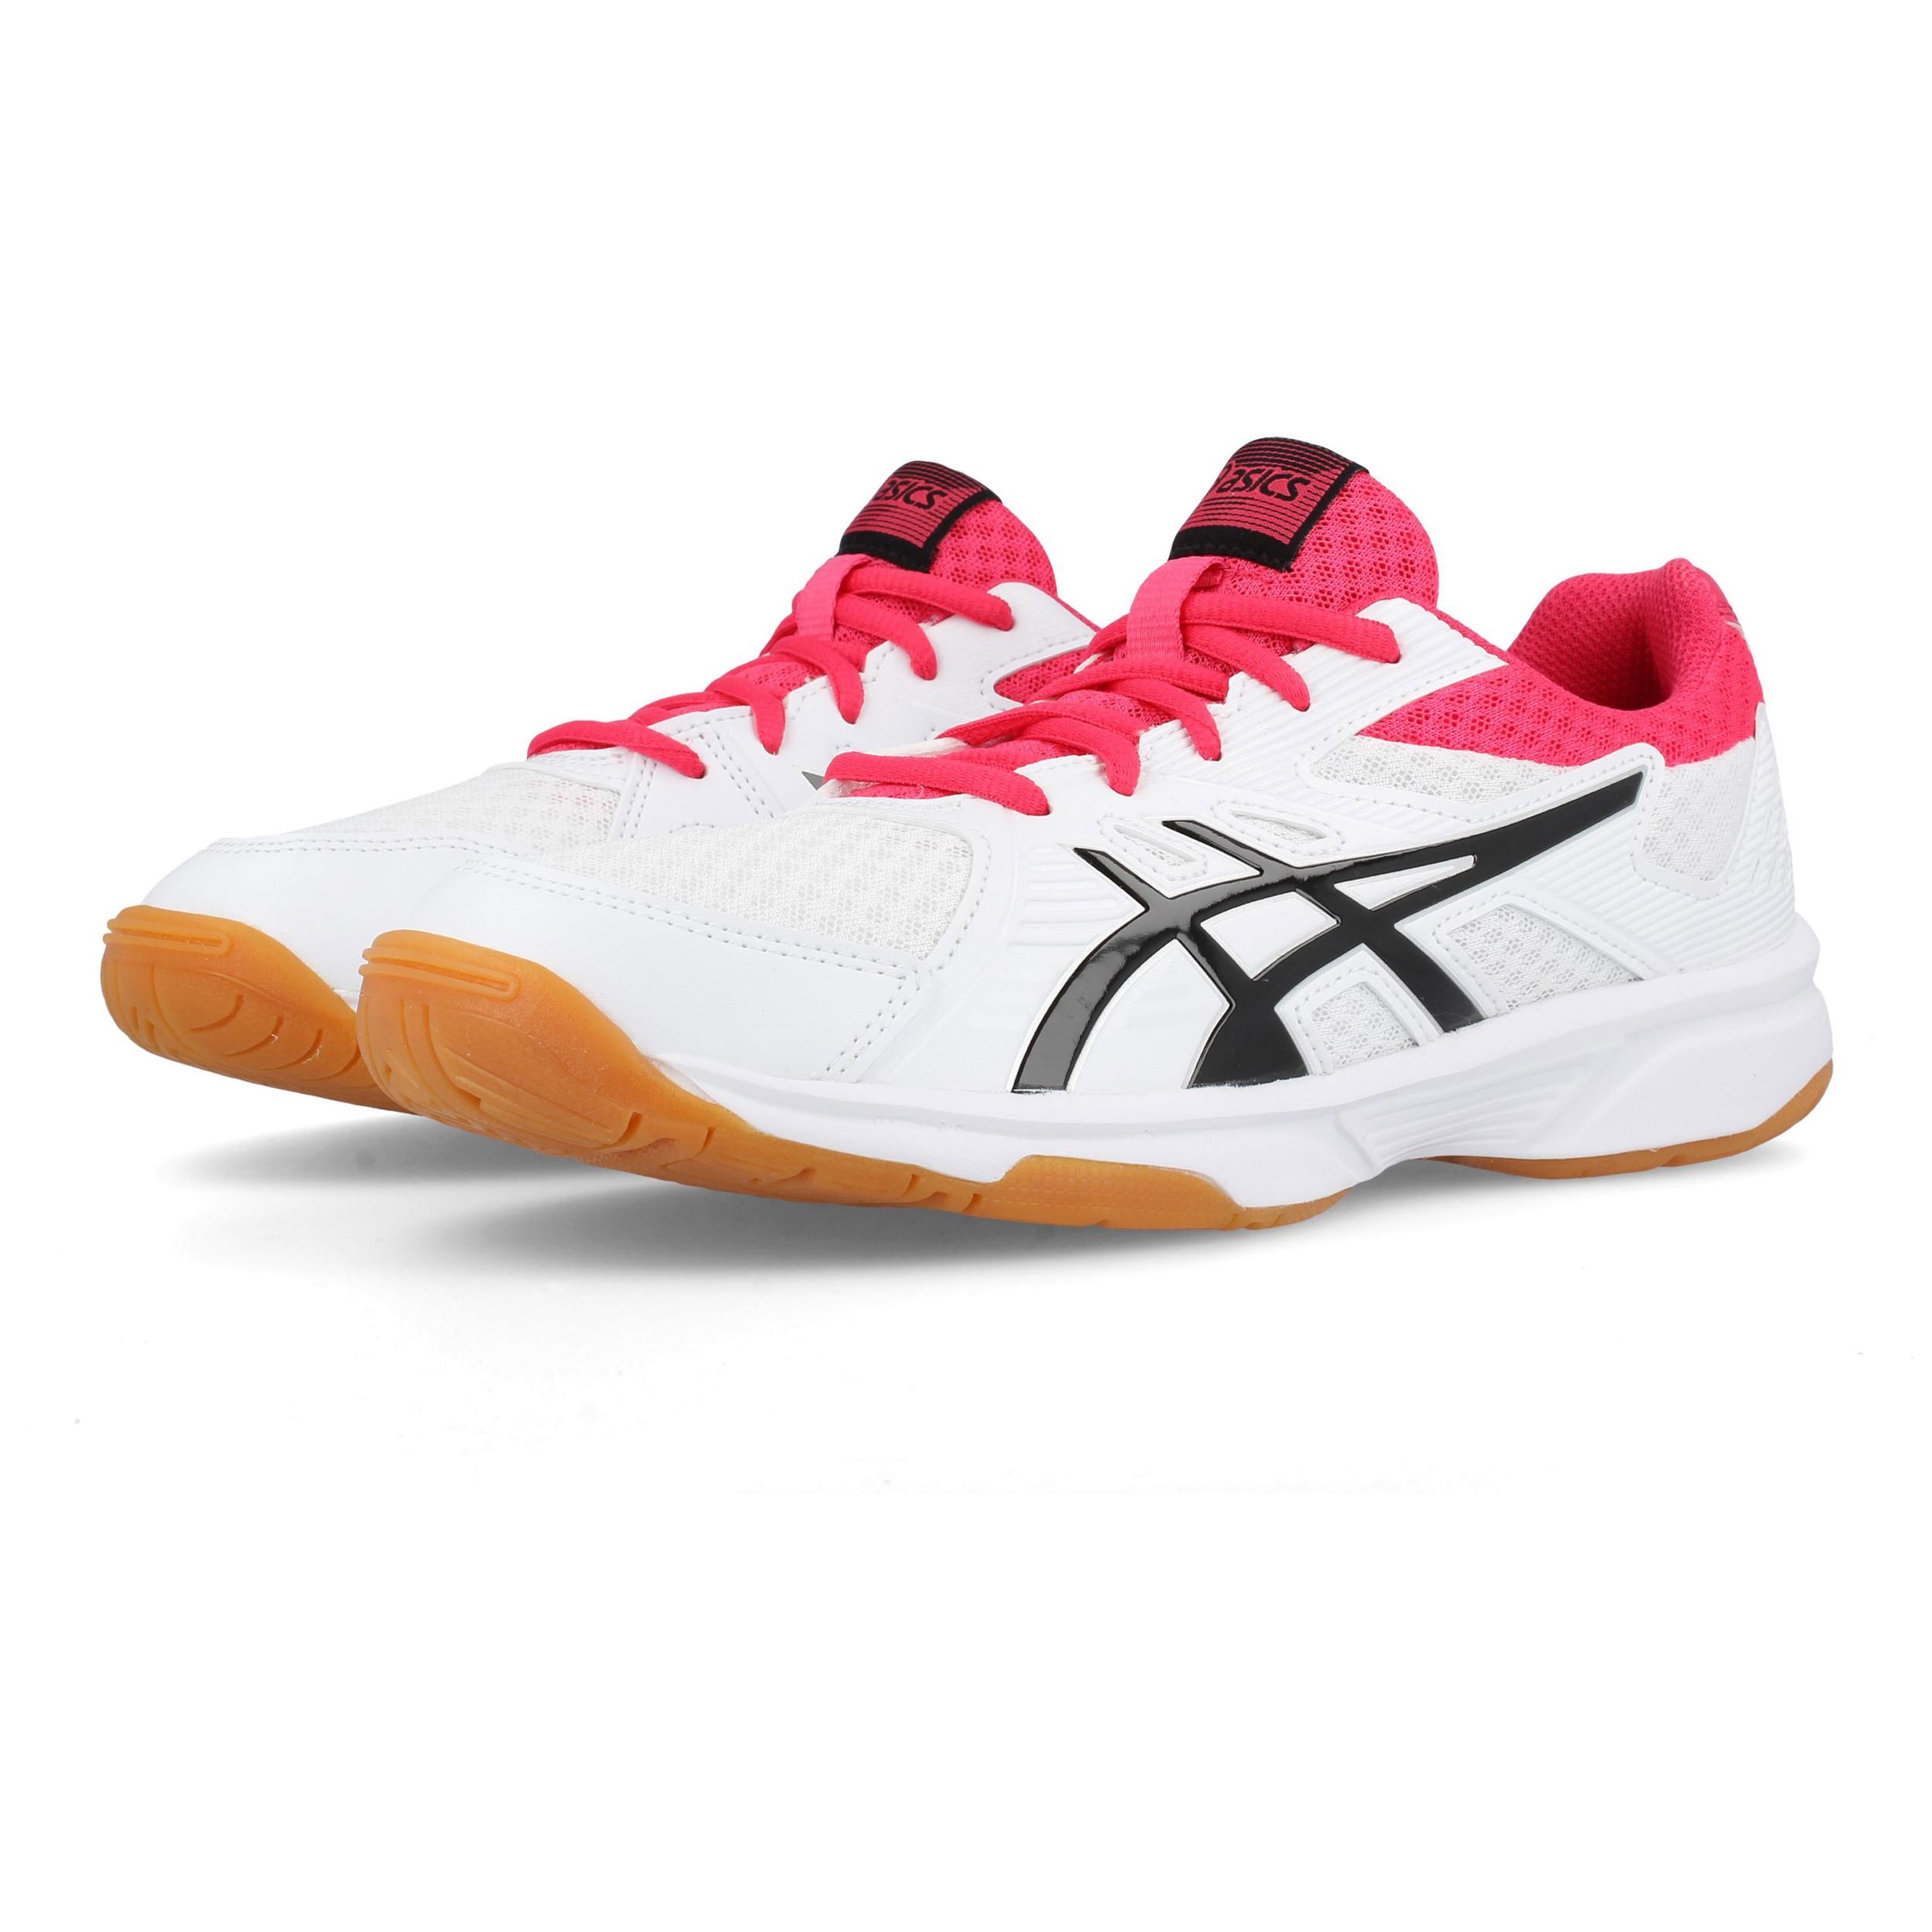 e857bfb12cfc Asics Femmes Gel-Up Court 3 Chaussures De Sport Running En Salles ...